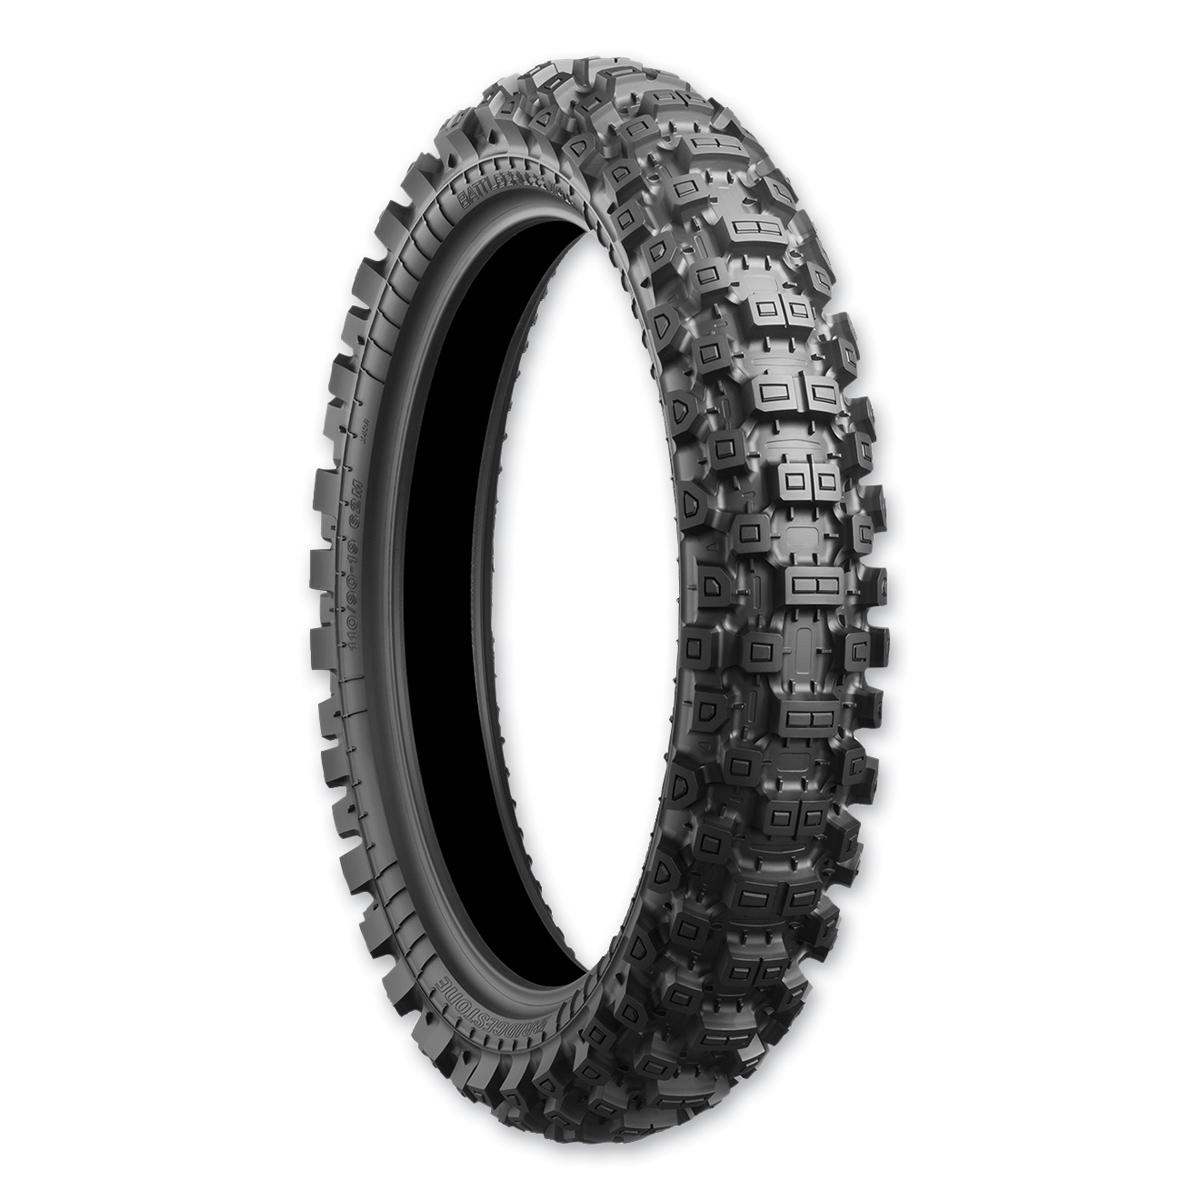 Bridgestone Battlecross X40 110/90-19 H/T Rear Tire